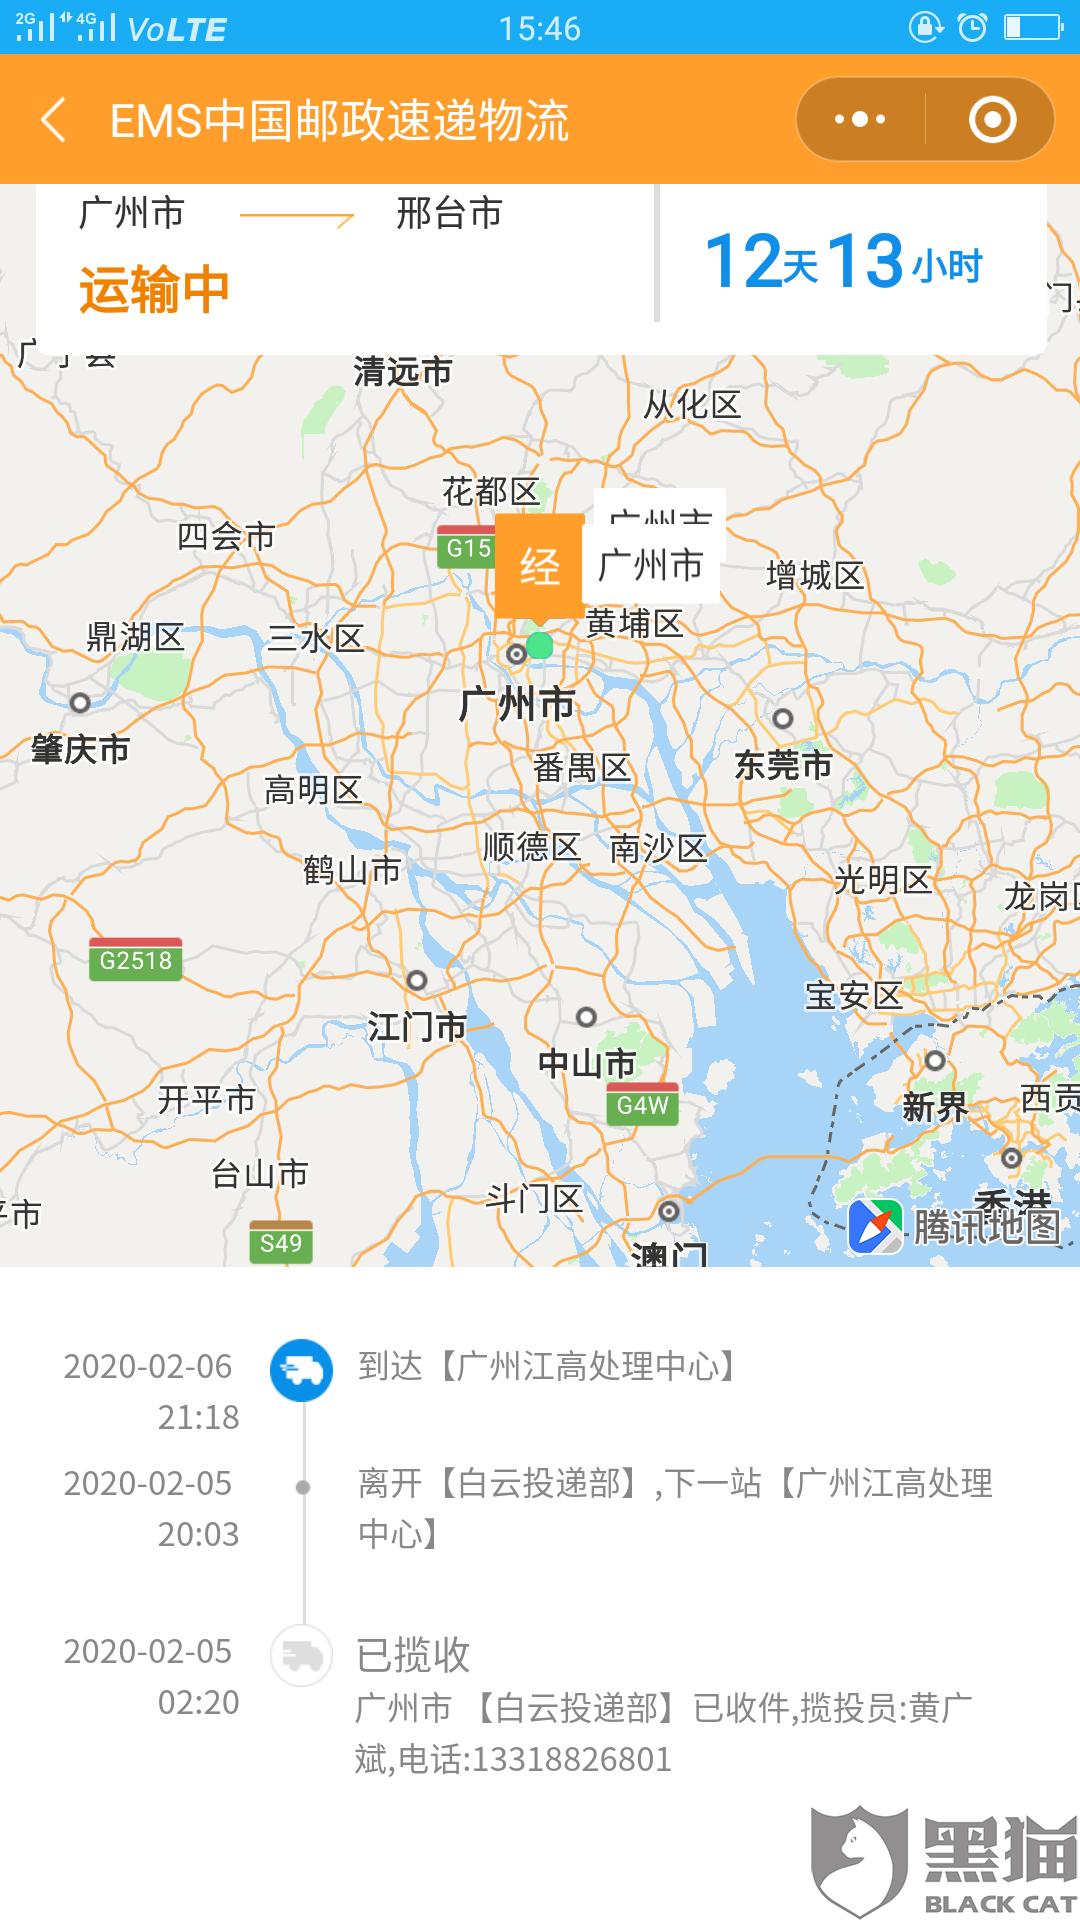 黑猫投诉:我有11个包裹,已经卡在中国邮政江高处理中心长达15天之久,期间多方面联系无一人